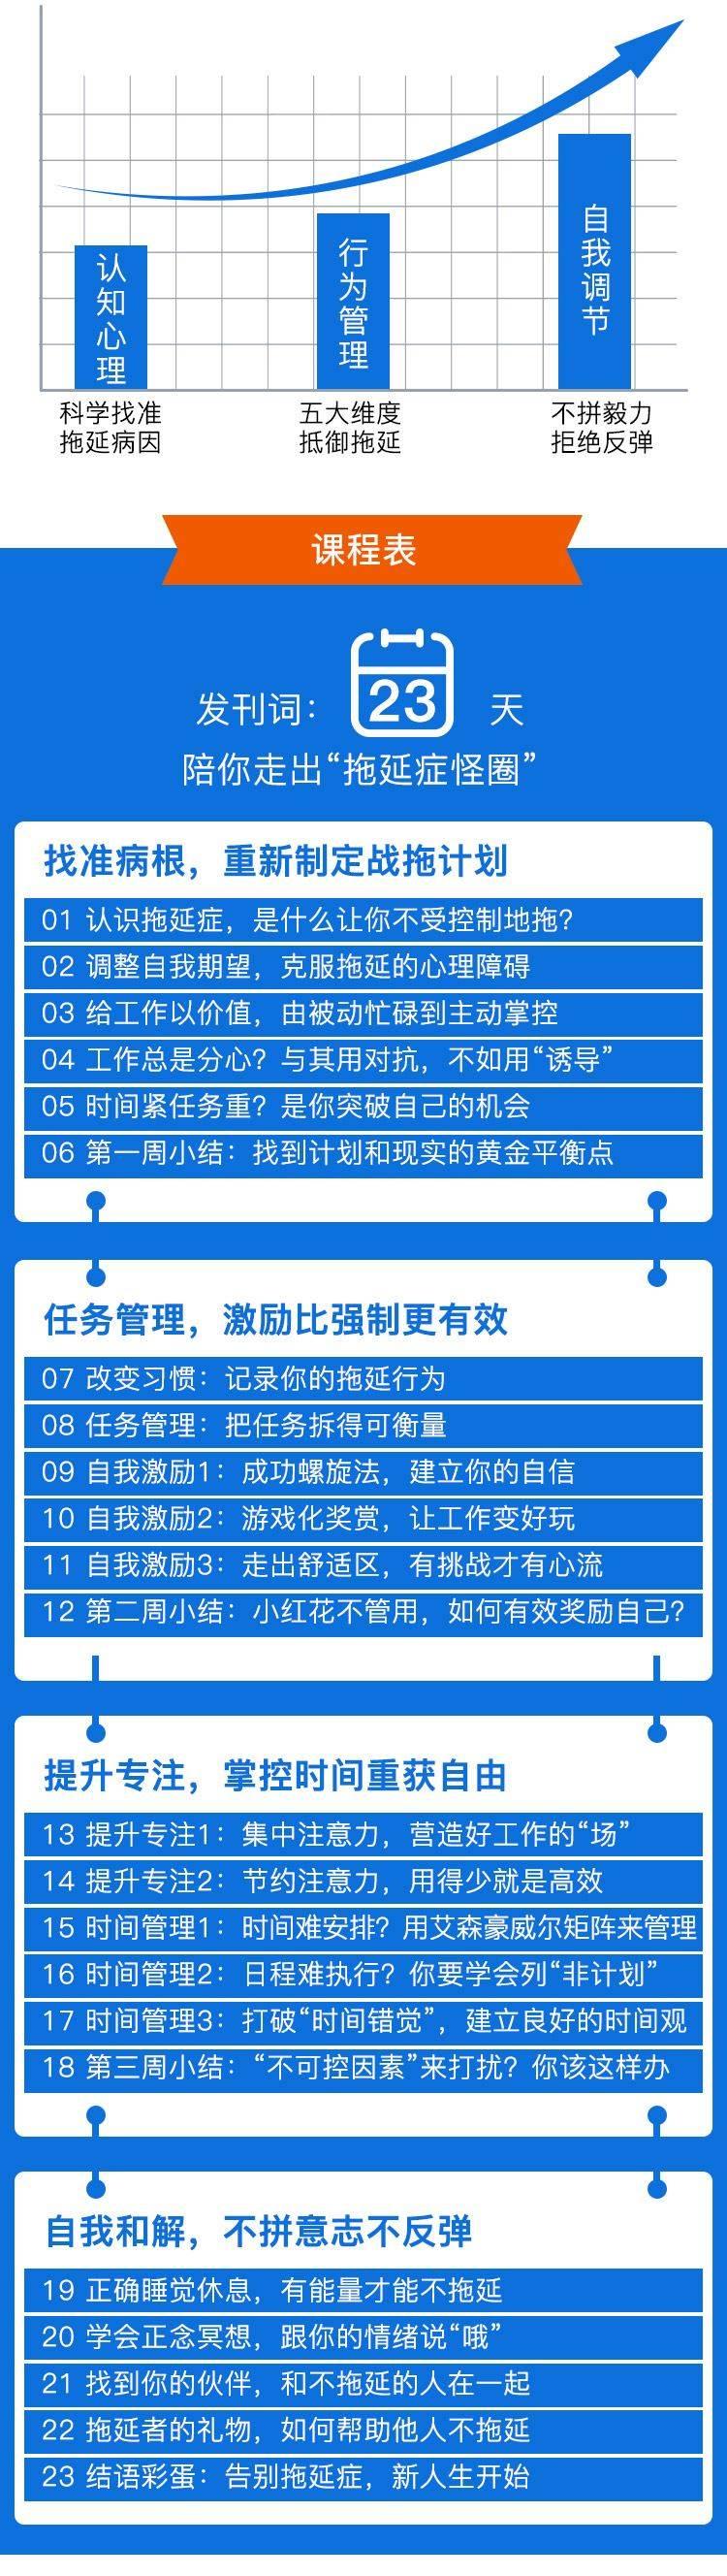 二十三天战胜拖延症-页面-定_02.jpg